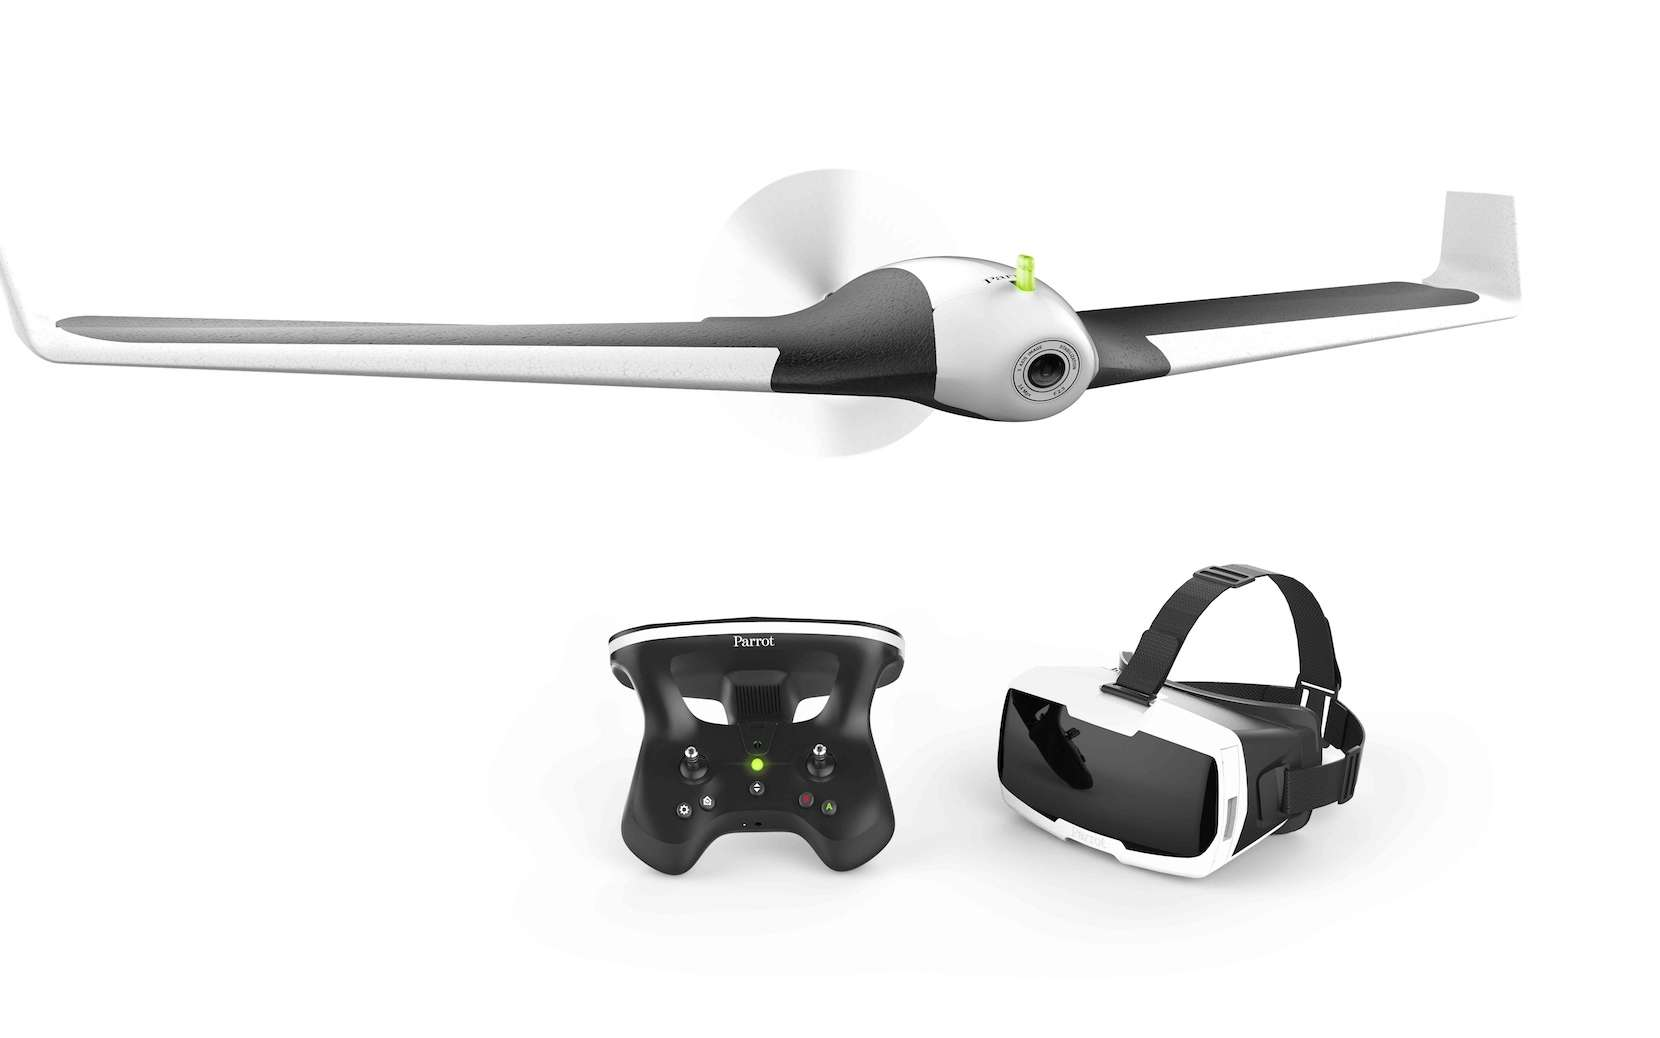 Parrot Disco et ses accessoires (télécommande et casque de réalité virtuelle). Les précommandes pour cet objet présenté au CES de Las Vegas en janvier 2016 sont ouvertes. © Parrot